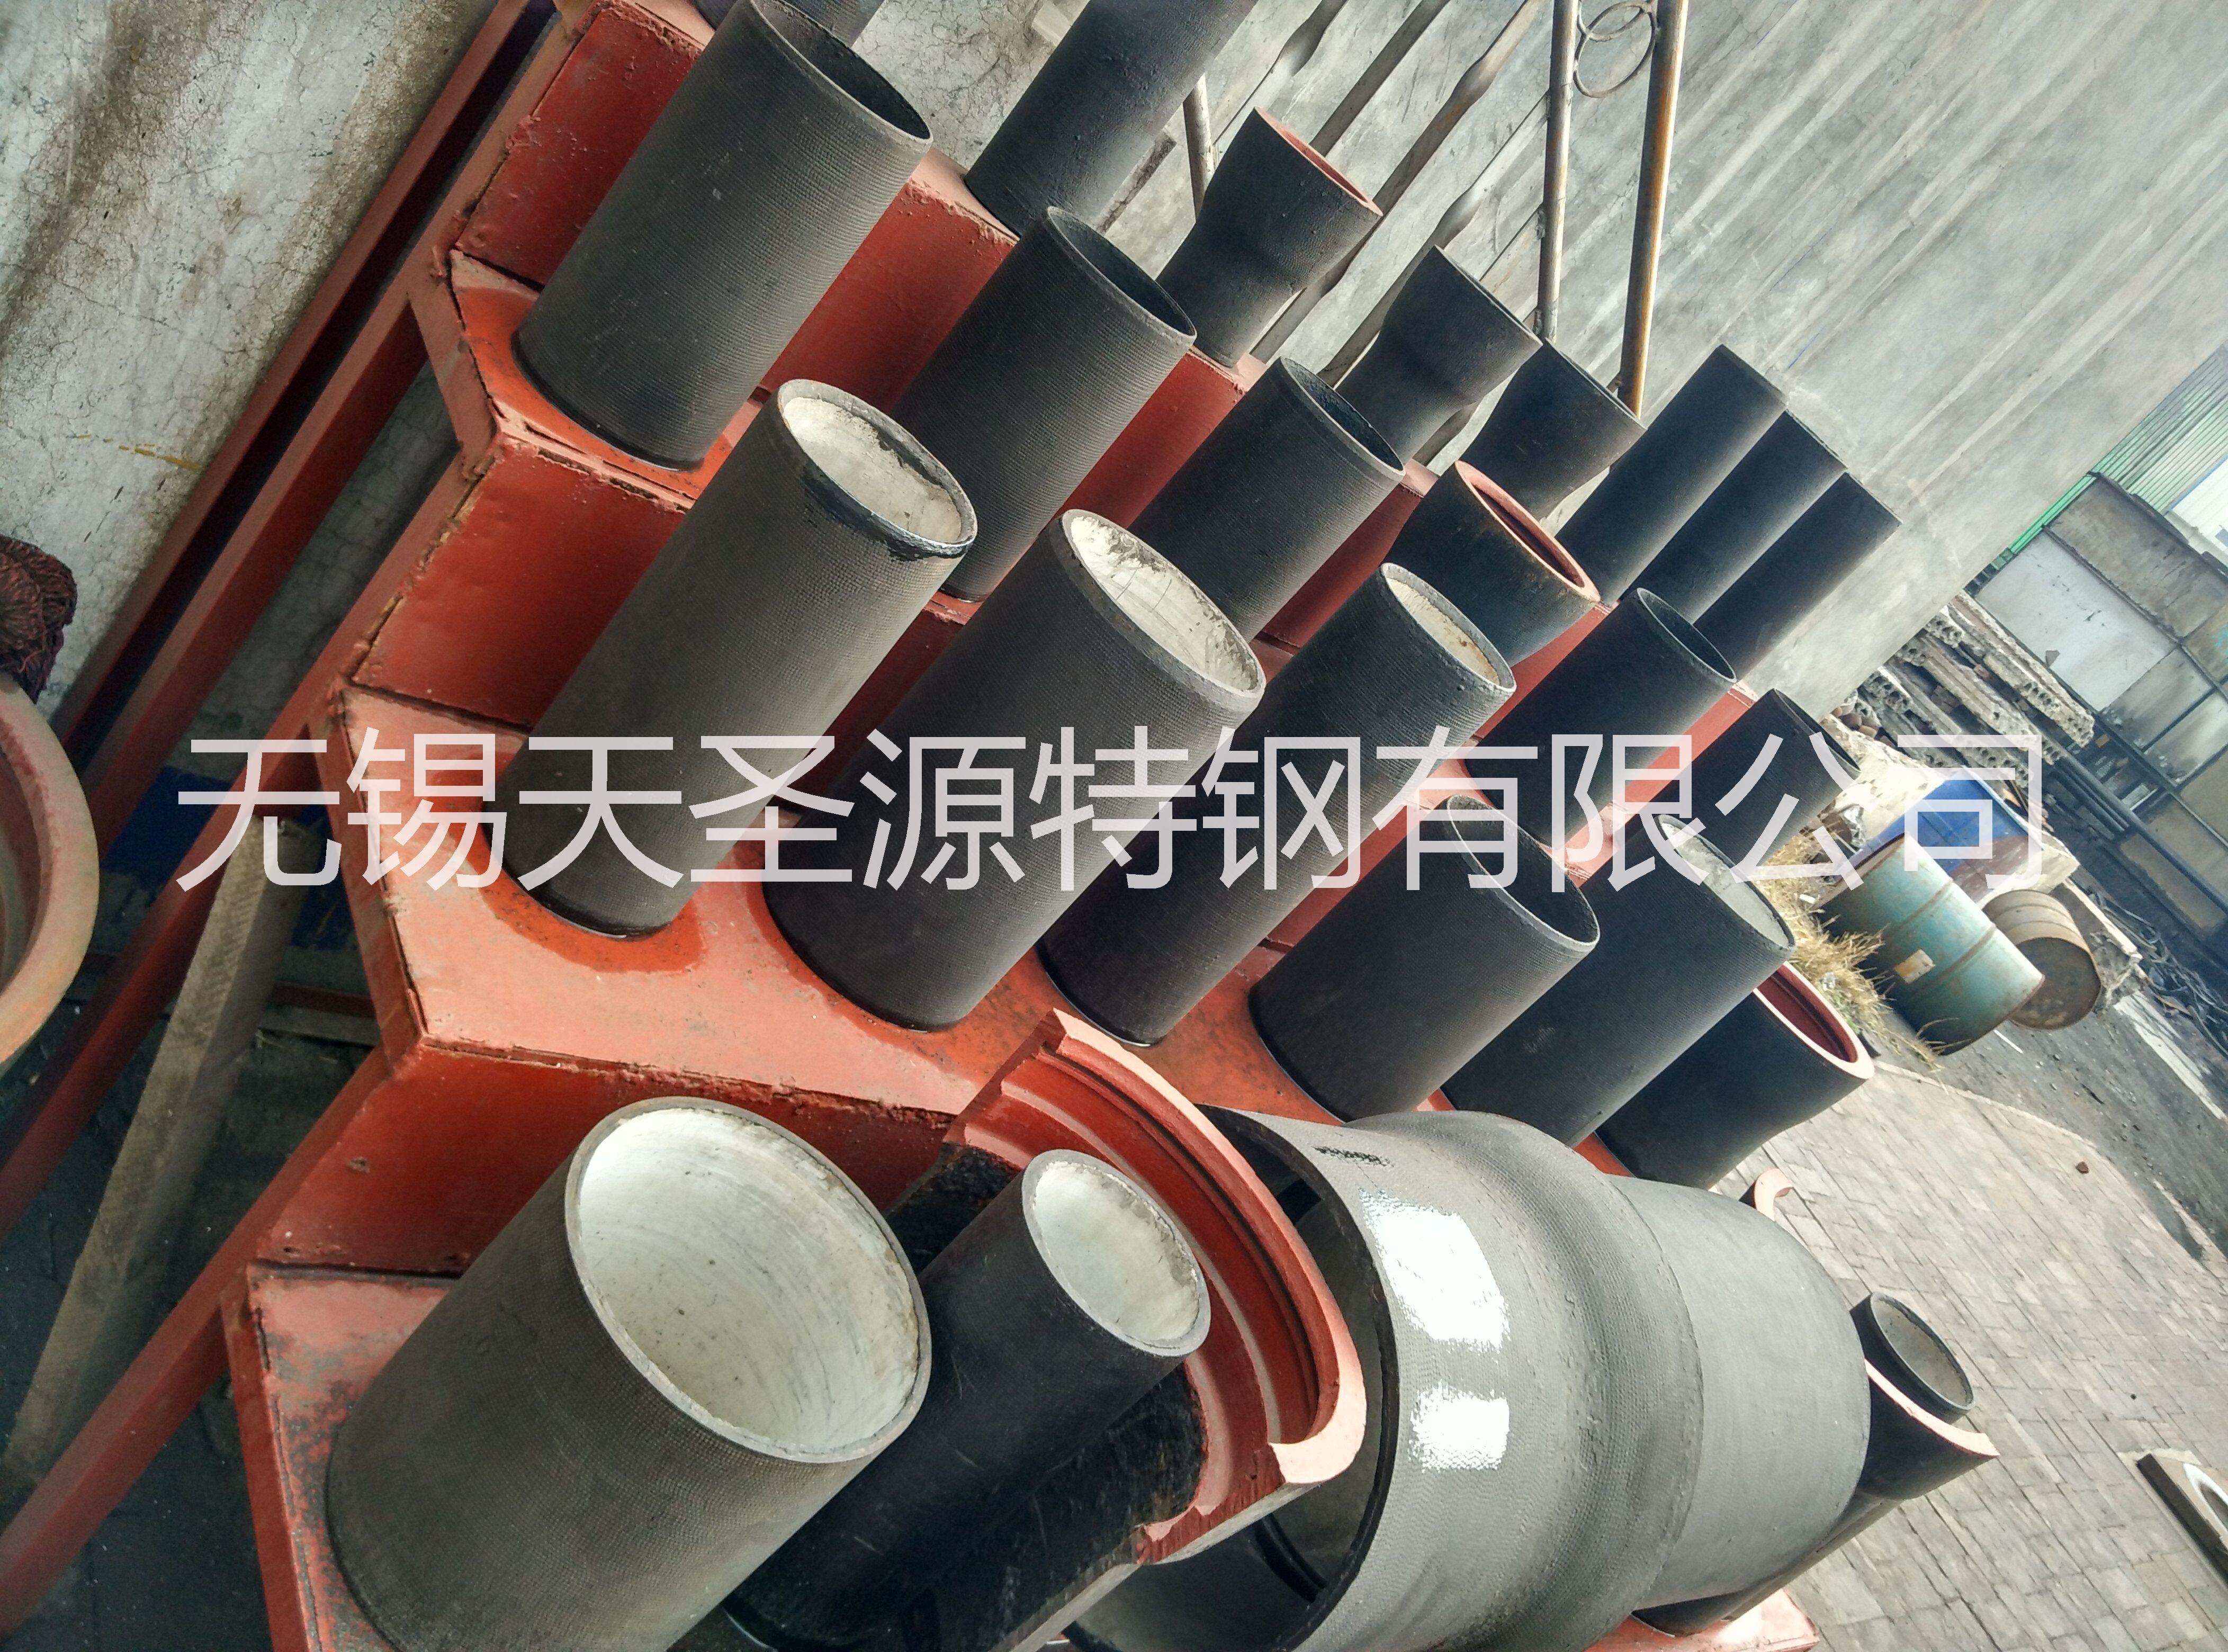 山西球墨铸铁管件,山西球墨铸铁管件厂家,山西球墨铸铁管件制造商